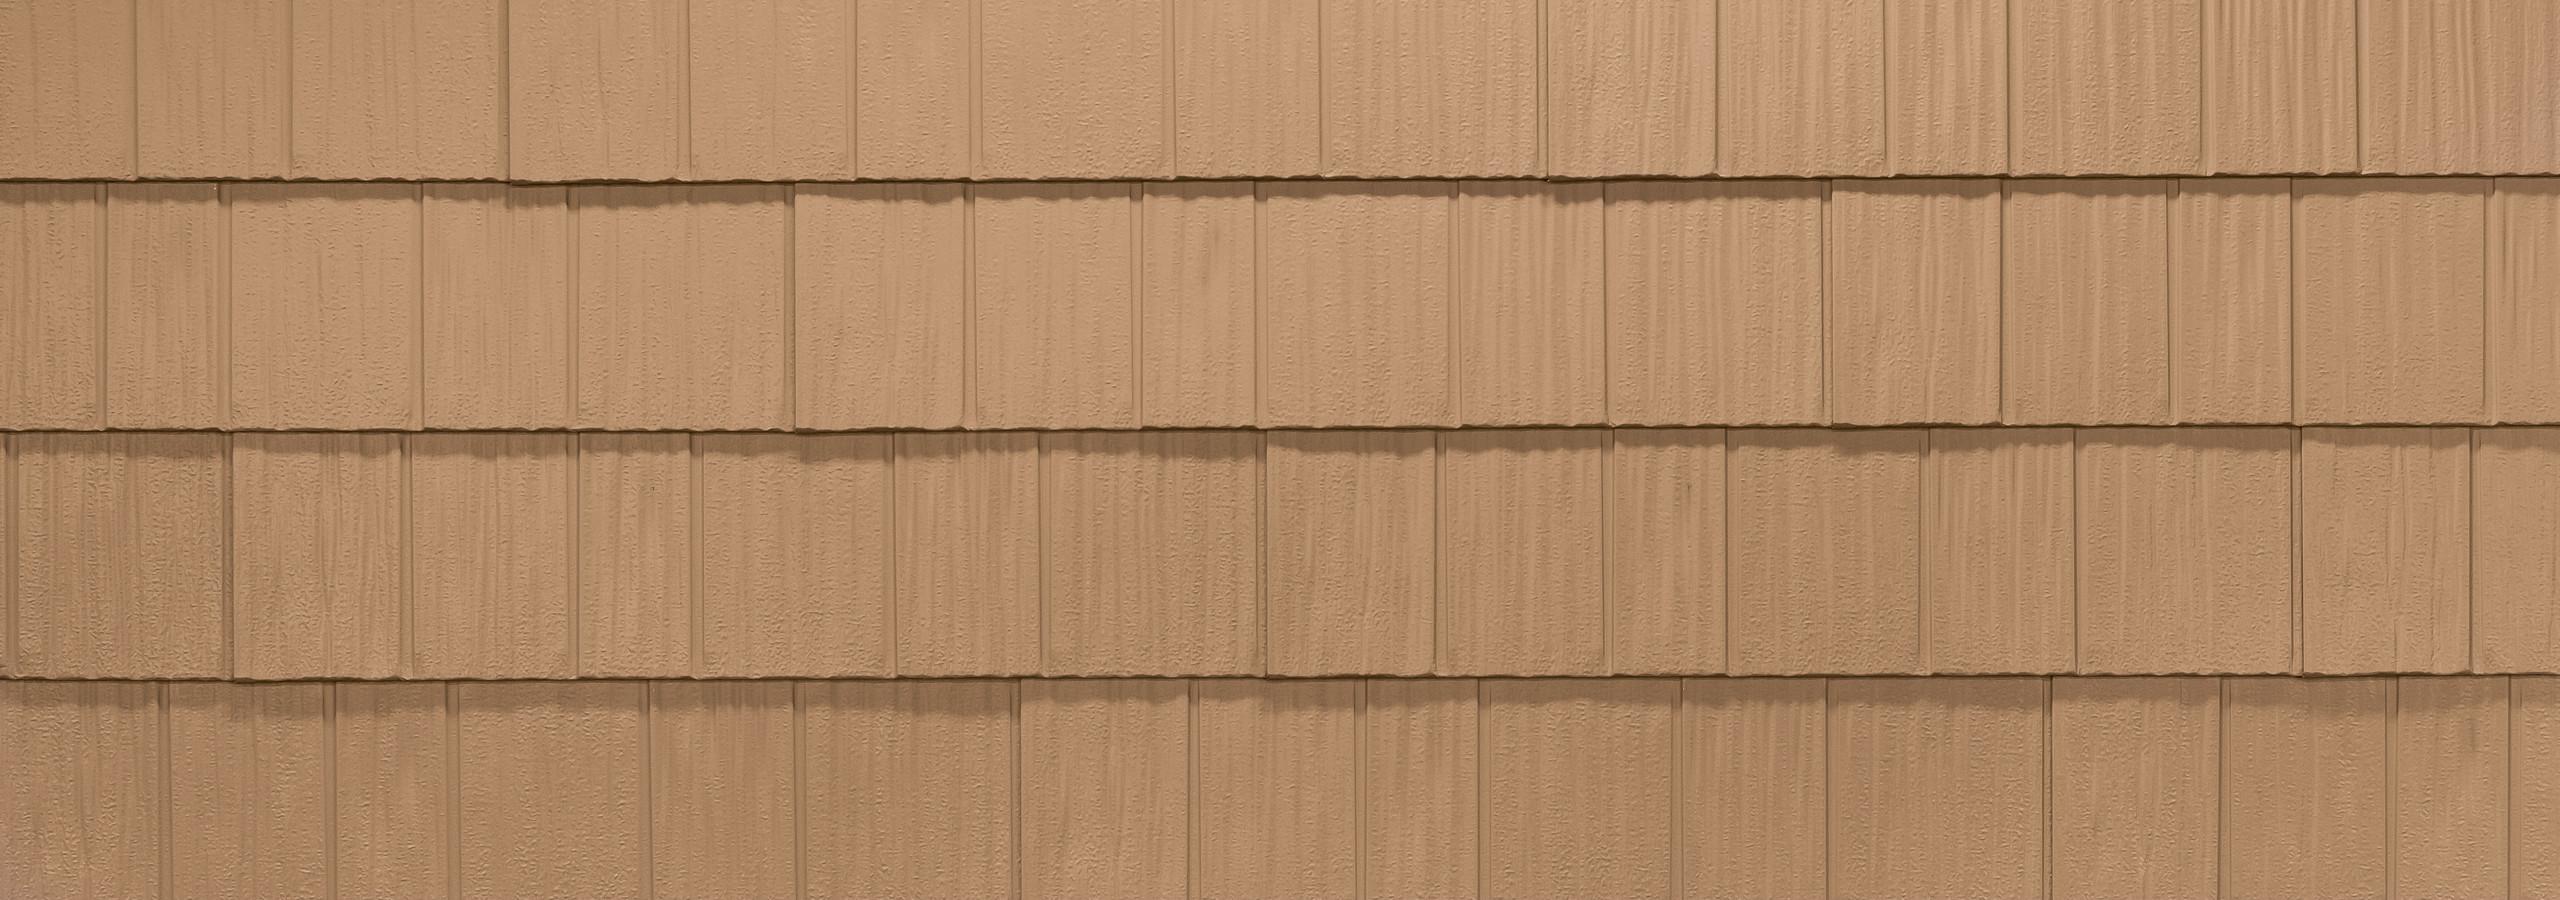 Cedar steel shake roofing